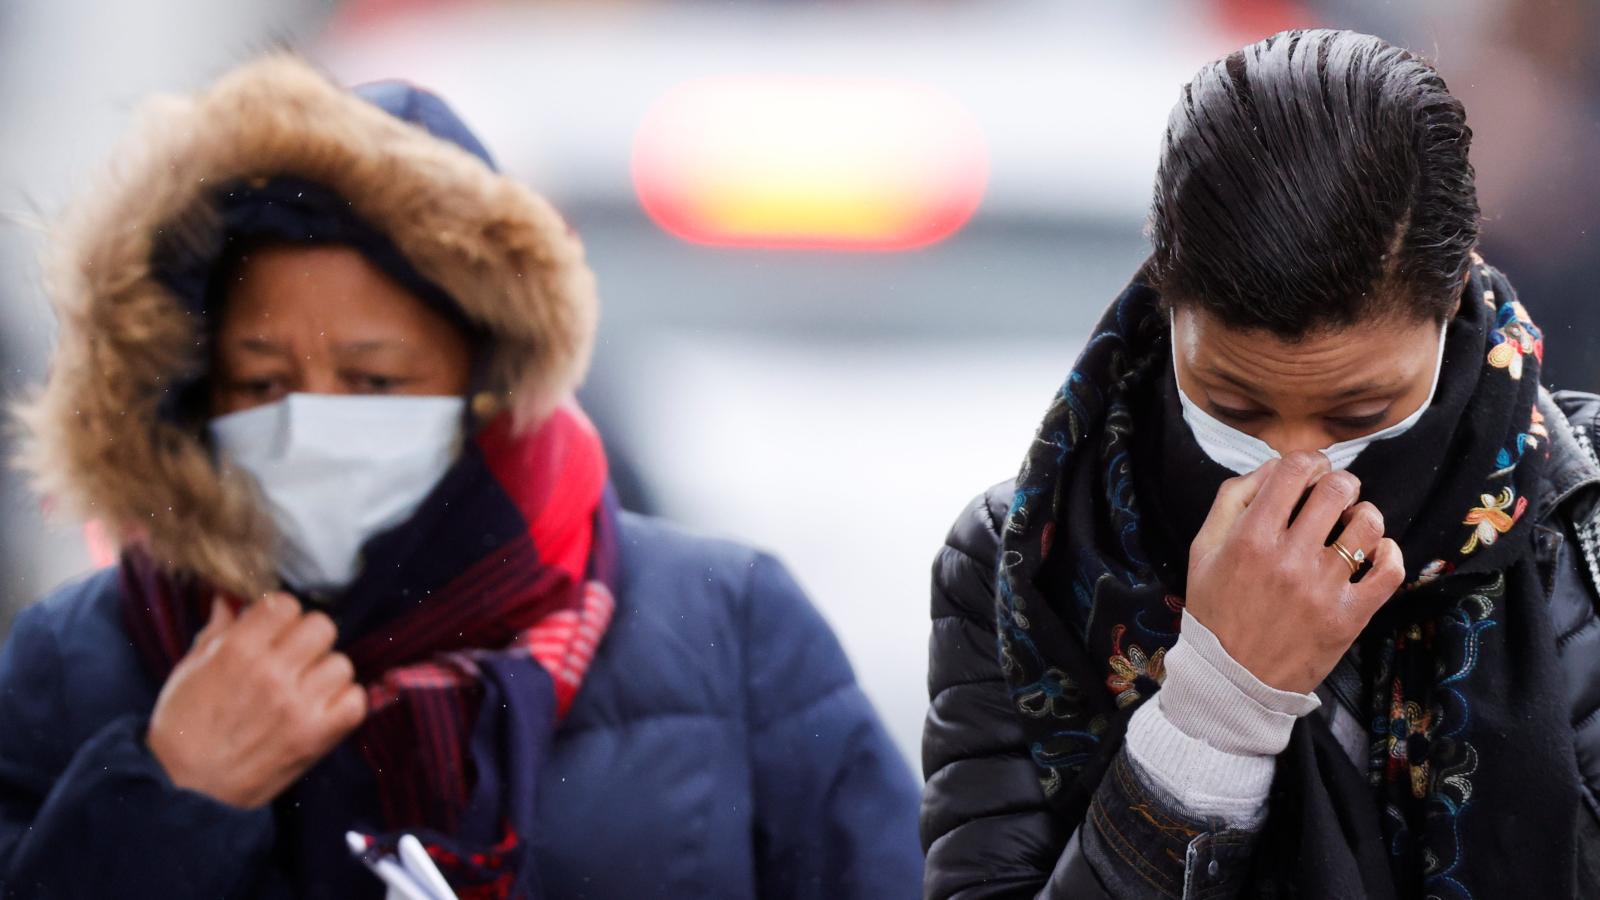 Cập nhật tình hình virus corona hôm nay 27/3: Số ca nhiễm vượt Trung Quốc, Mỹ trở thành tâm dịch lớn nhất thế giới, Việt Nam có 3 bệnh nhân sắp được xuất viện - Ảnh 2.